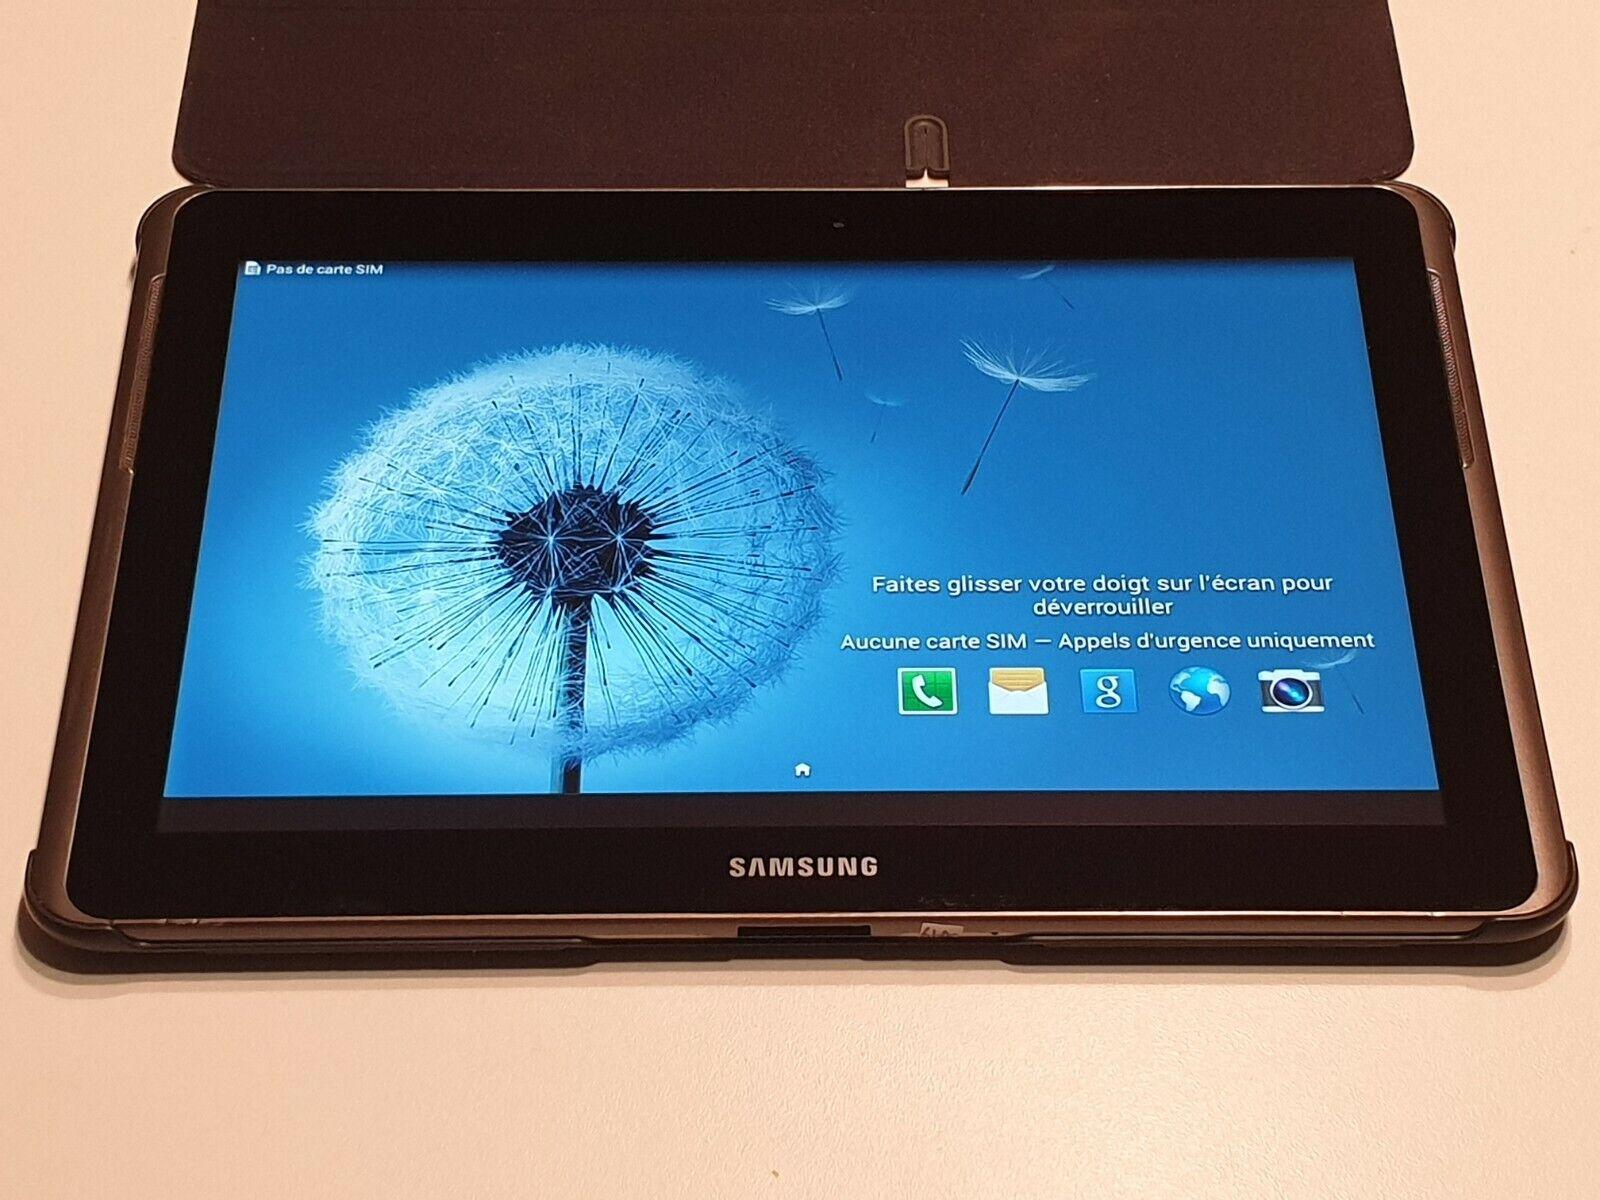 Tablette samsung galaxy tab 2 gt-p5100 - 3g tout opérateur - occasion bon état.